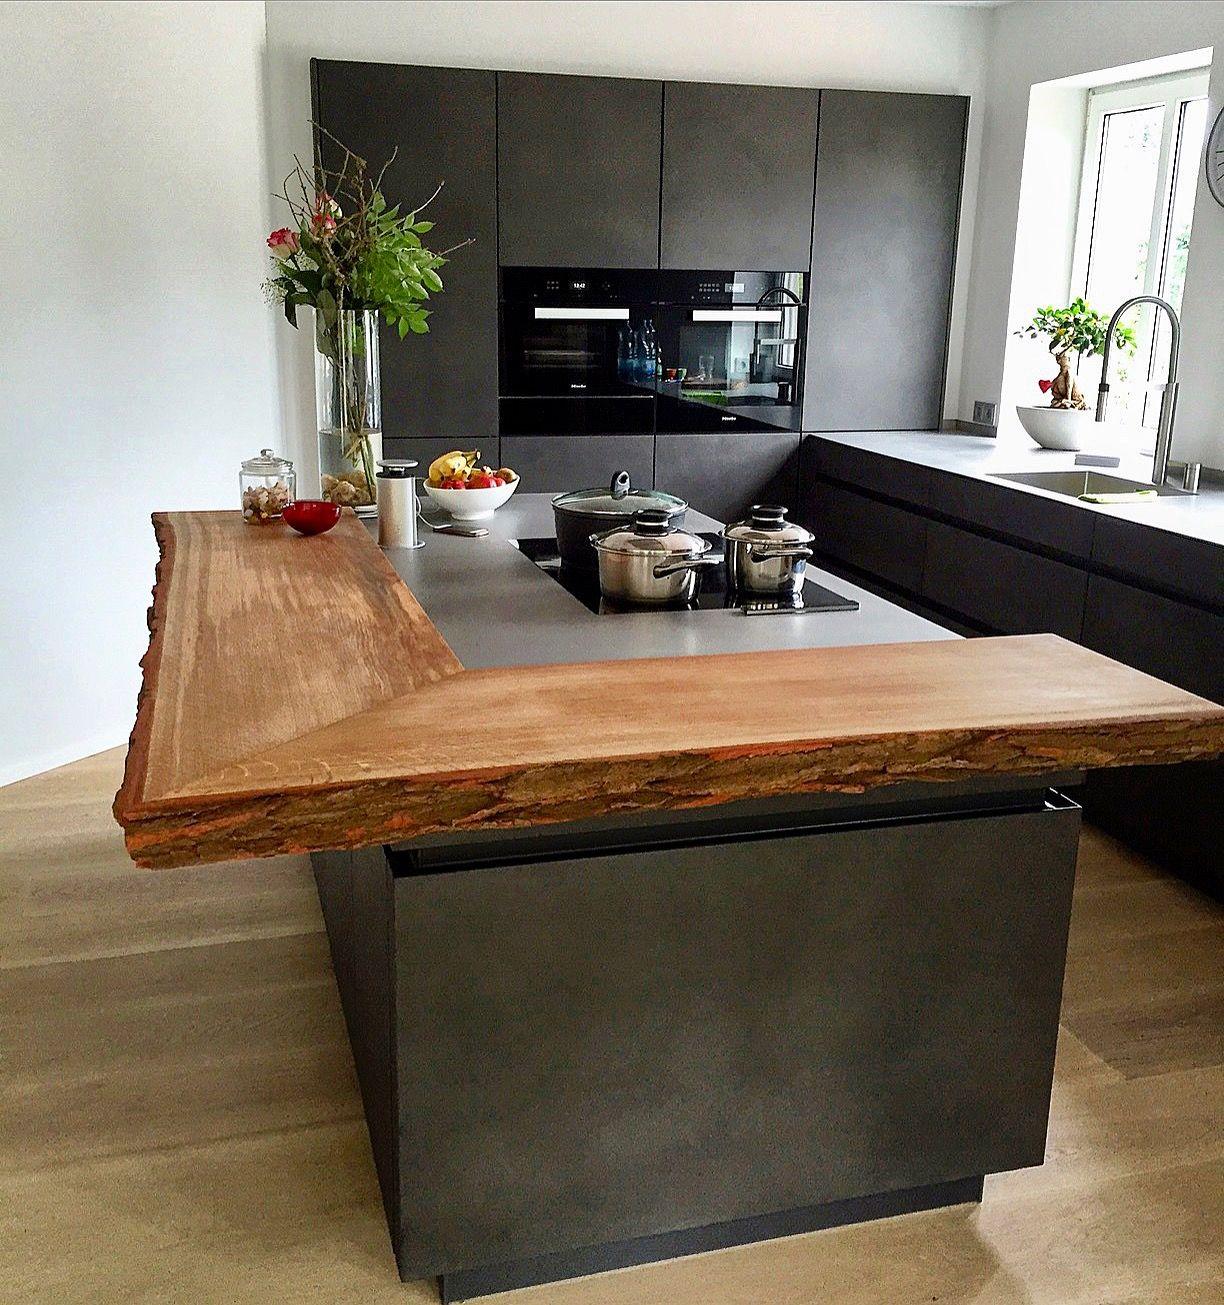 Küche Küchenblock Küchentresen Holz Bartresen